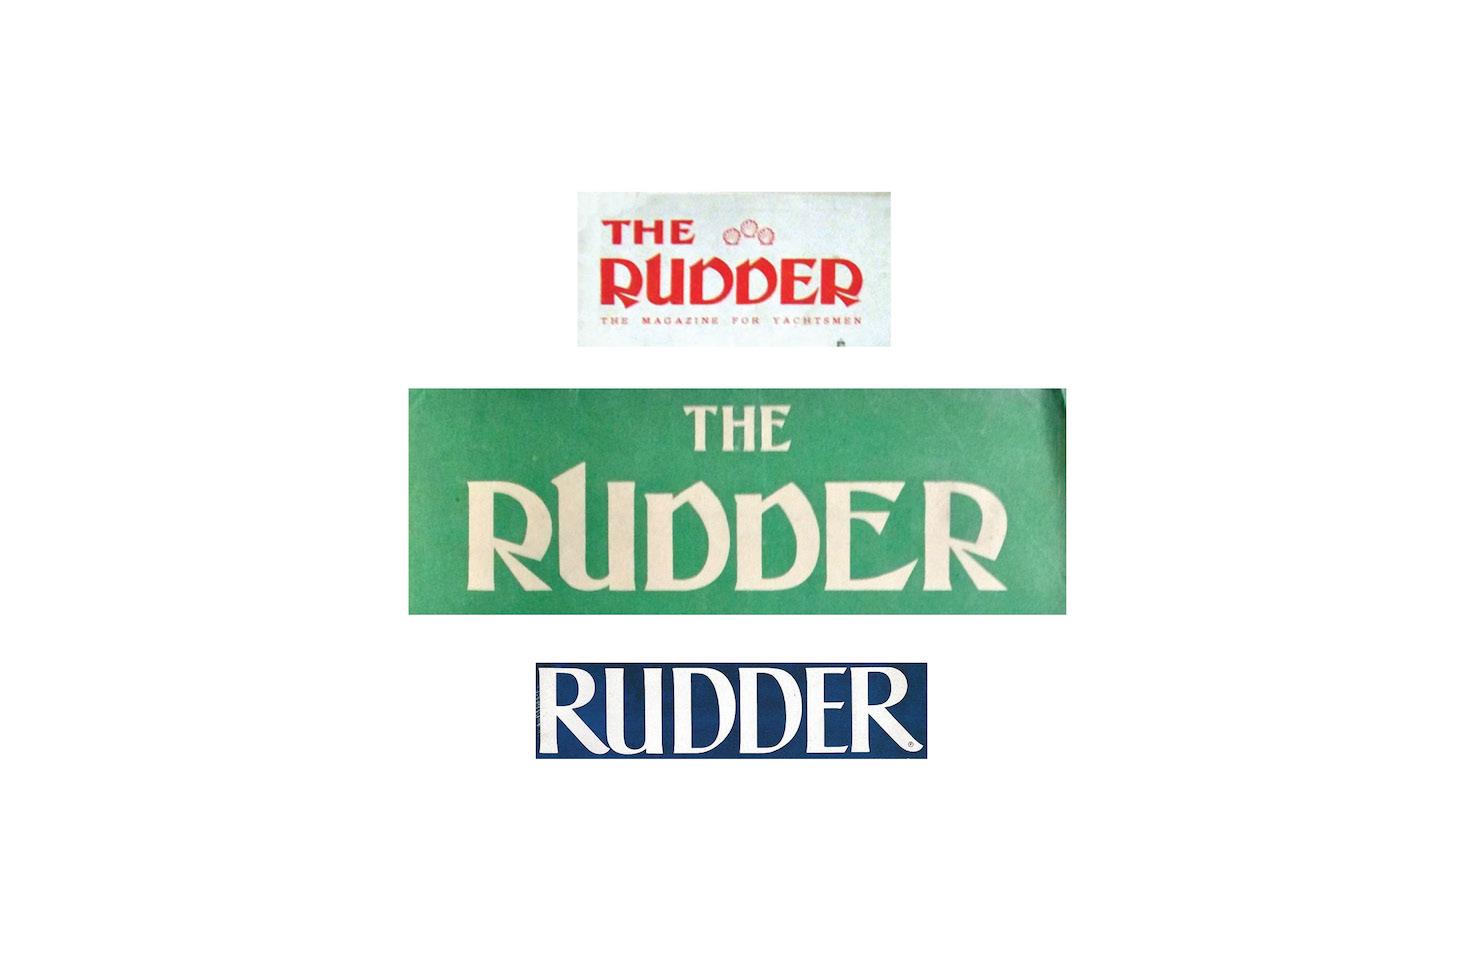 RUDDER_Typographie_03